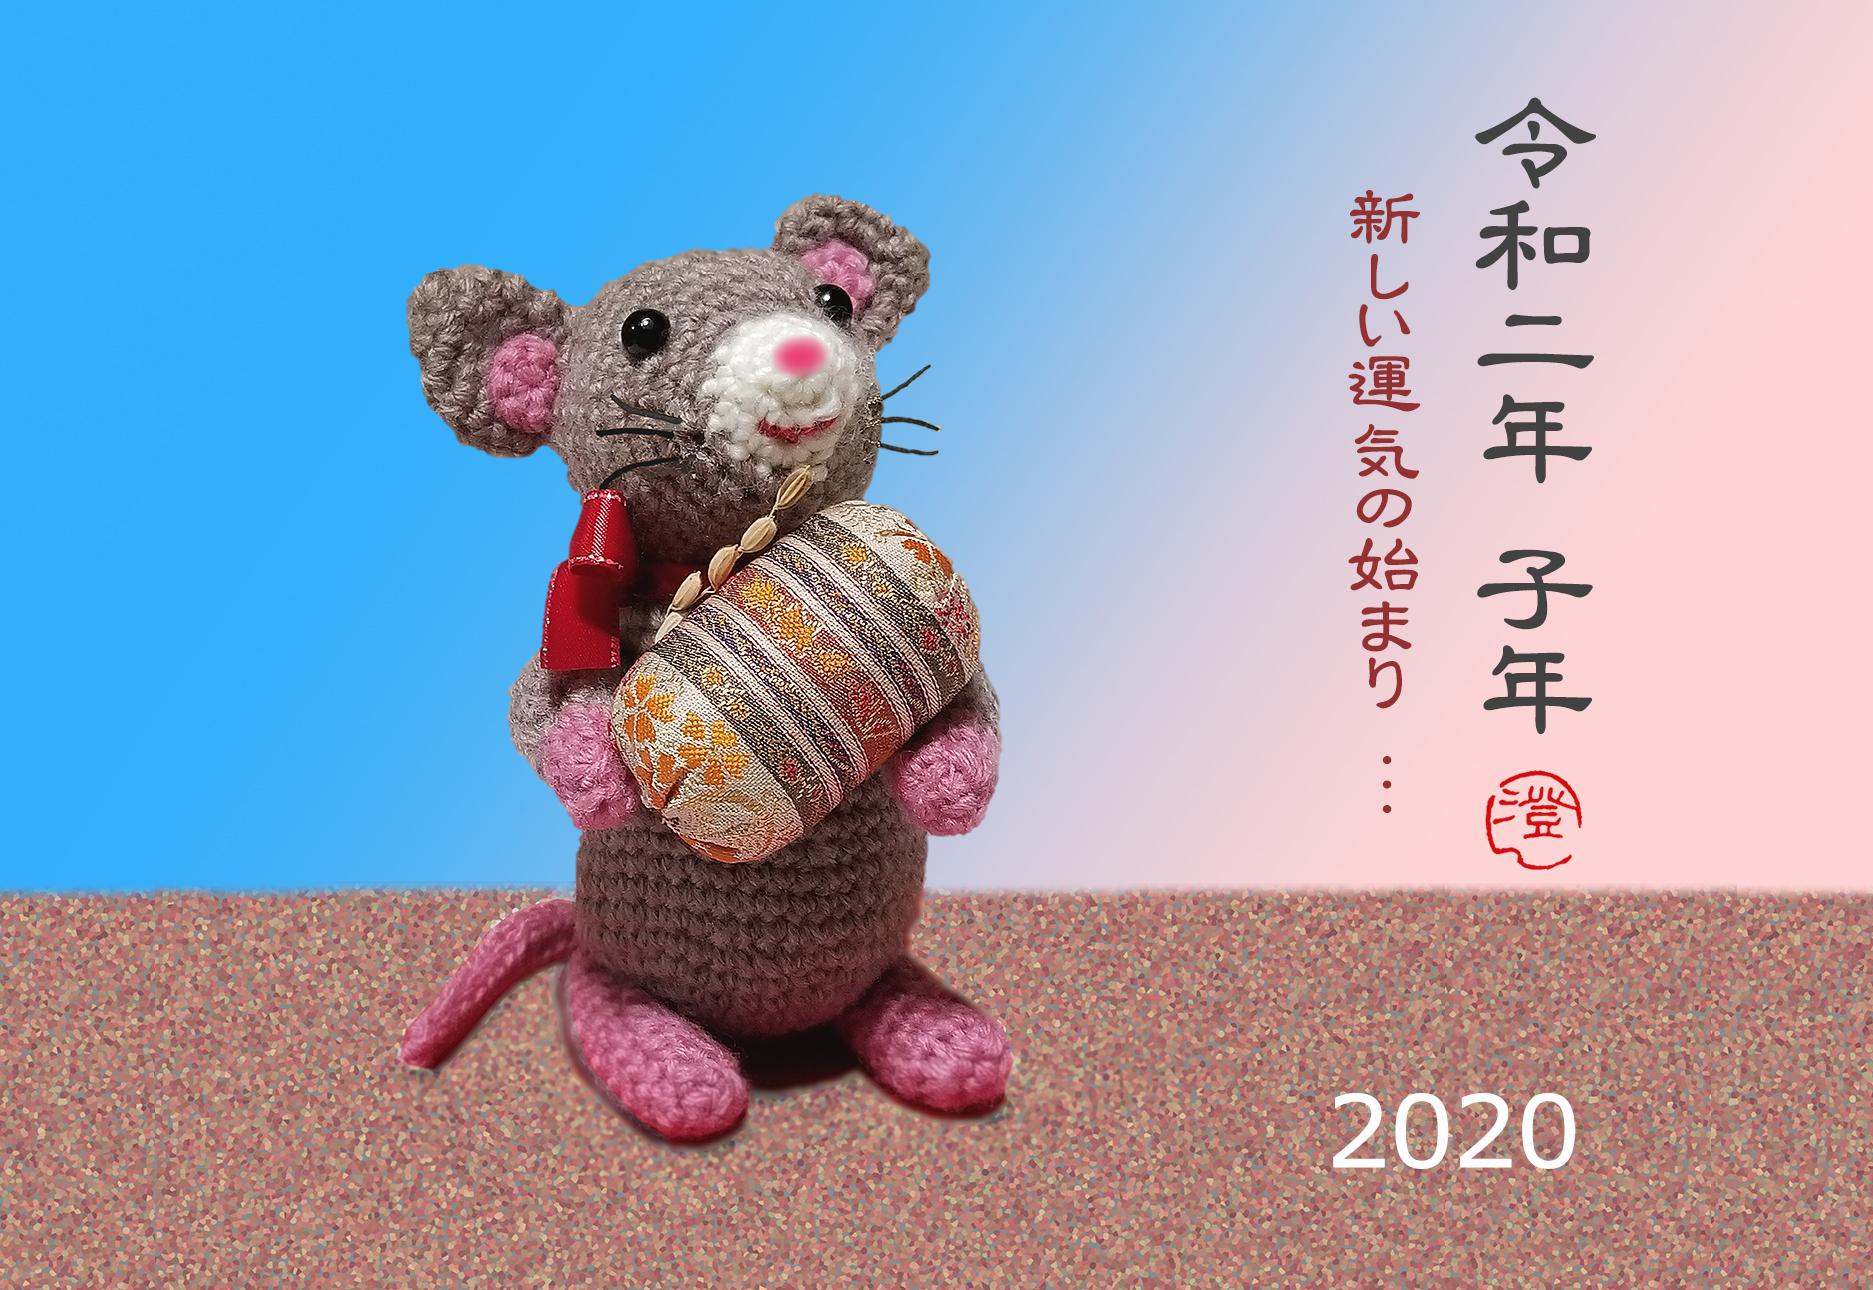 2020010212544269d.jpg